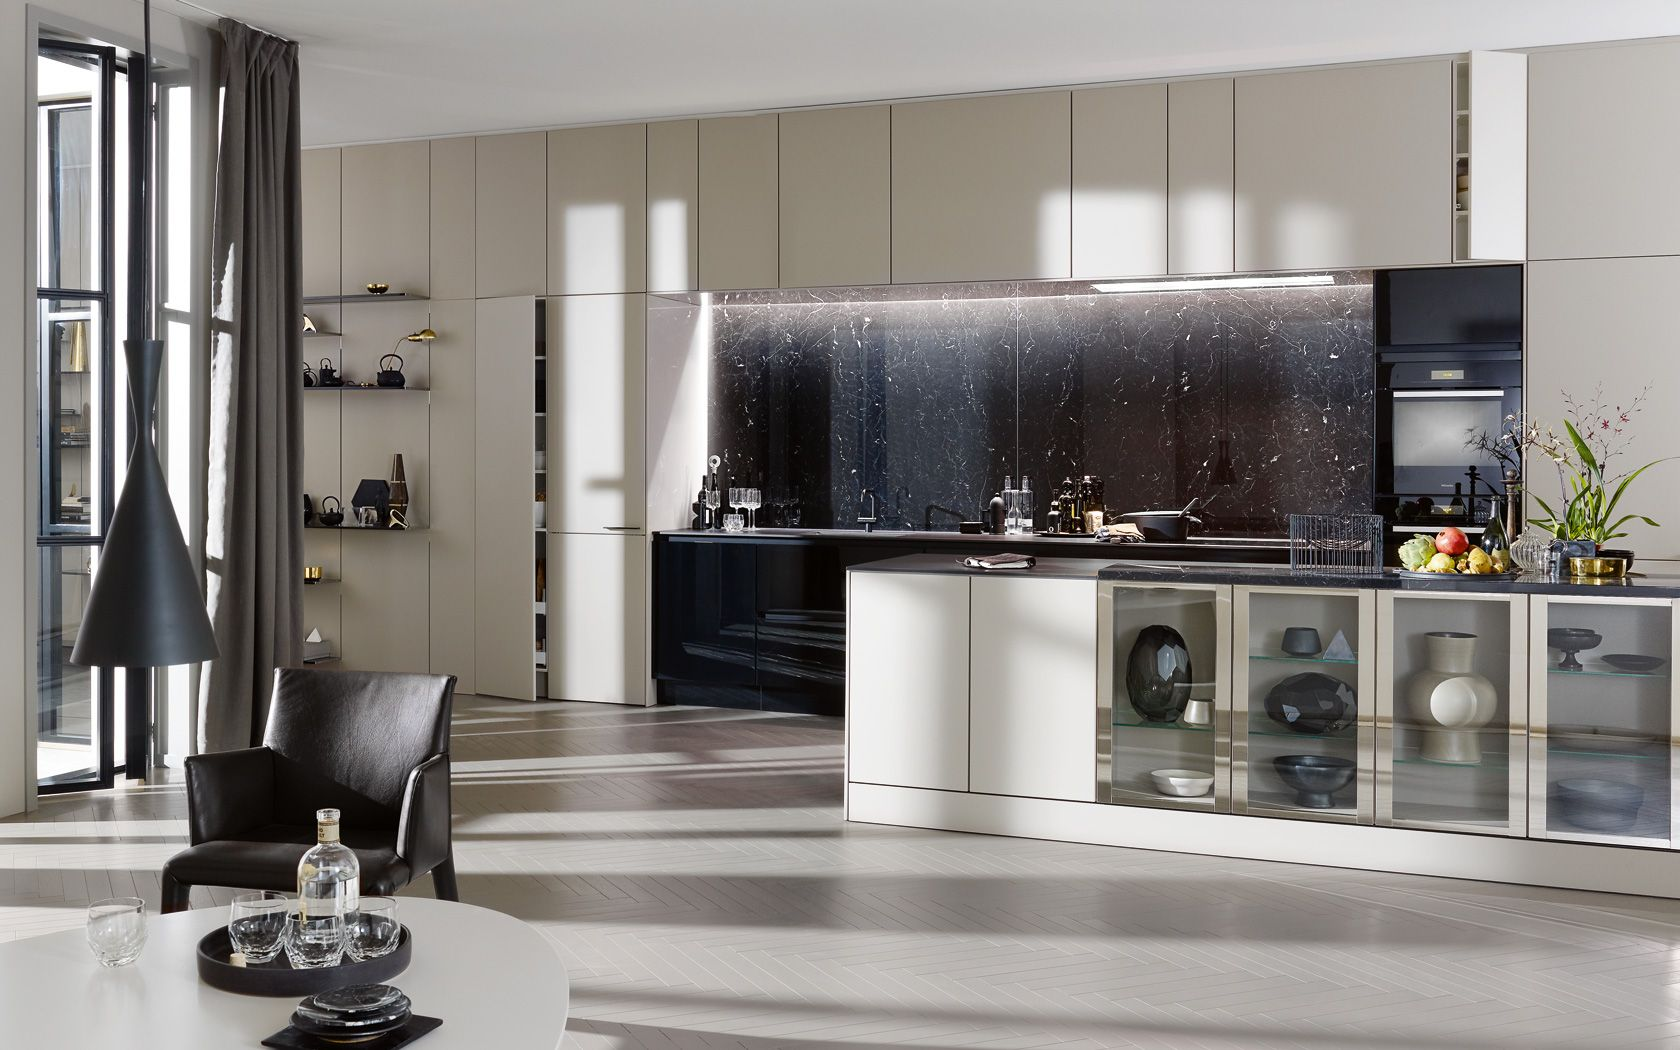 Smart Design Keukens : Siematic se lm keuken smart design de laden en